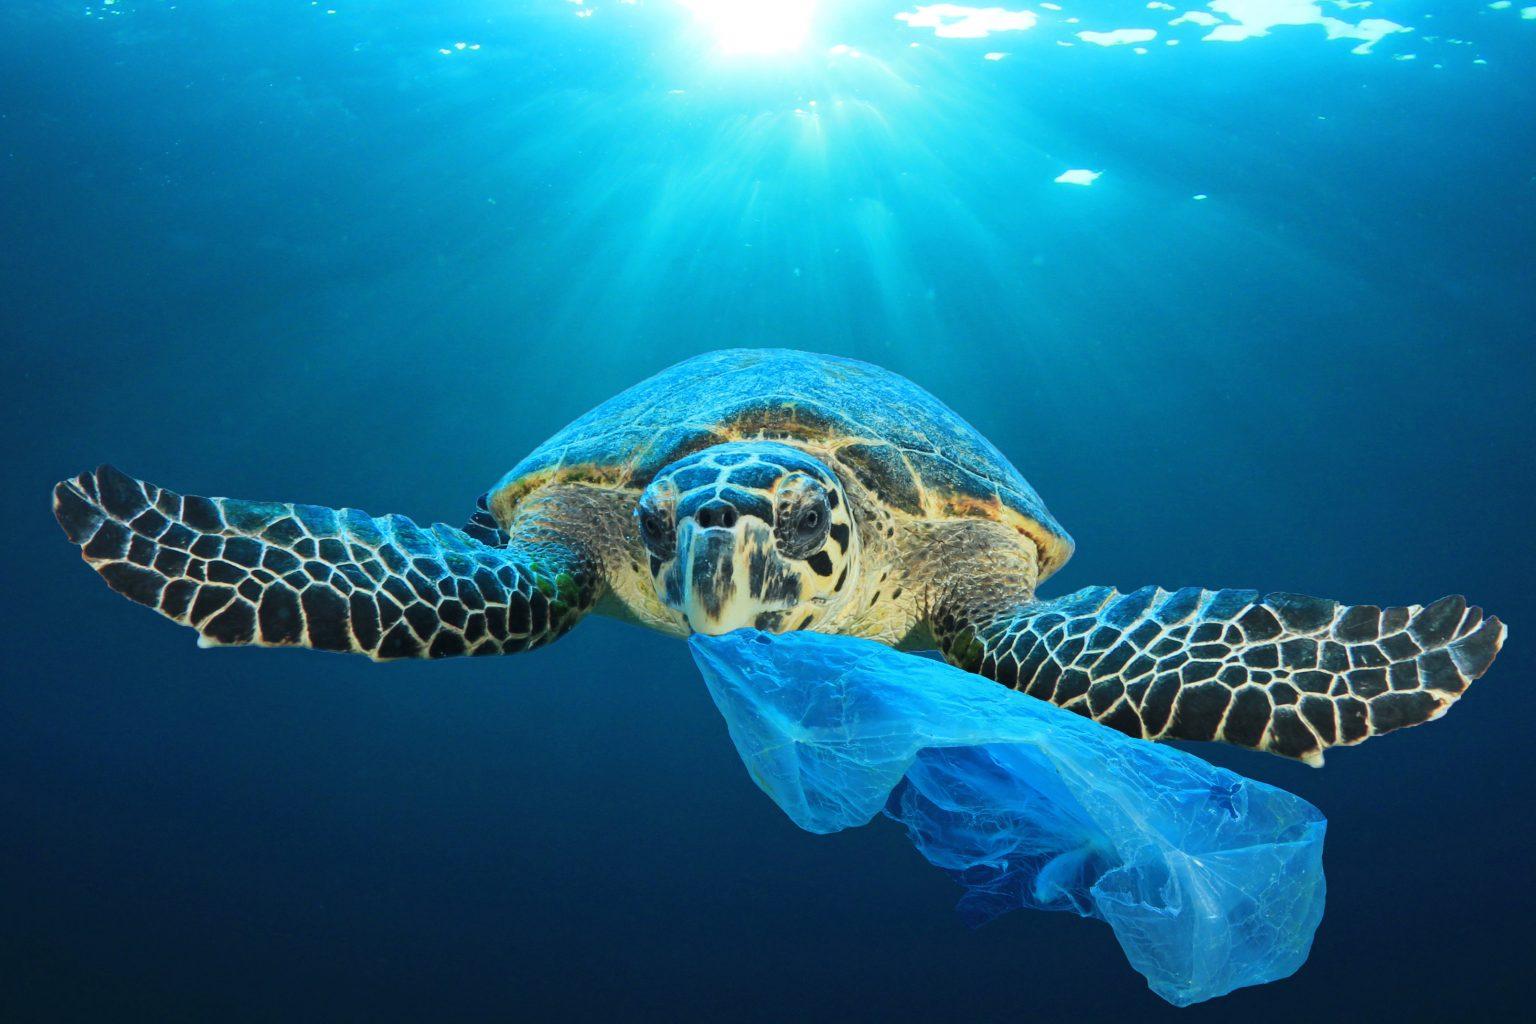 Schildkröte isst Plastiktüte